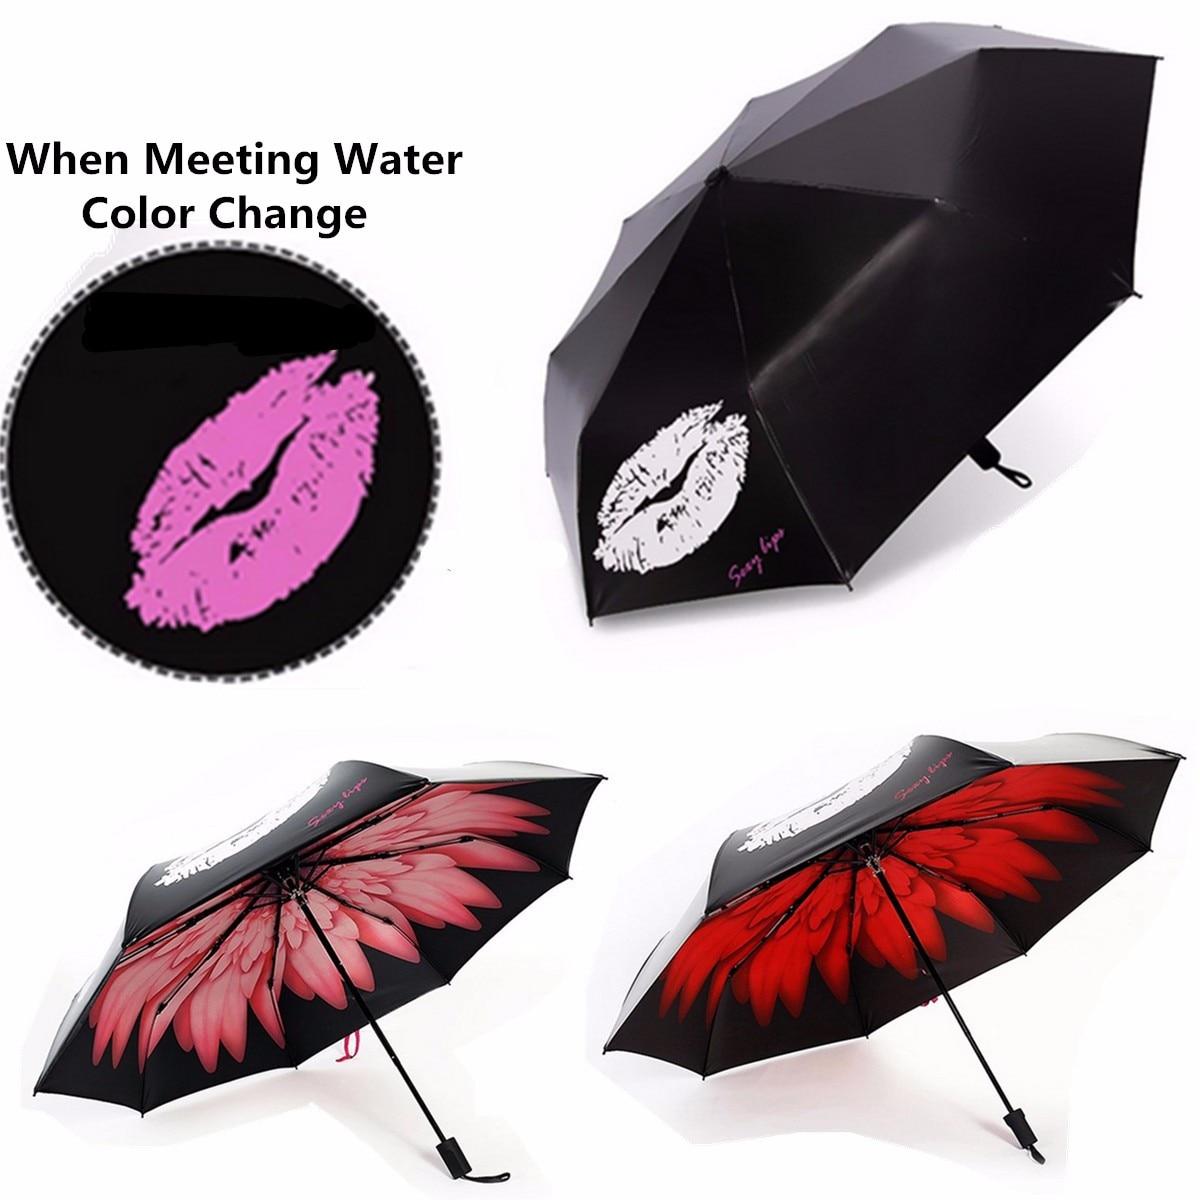 anti uv parapluie lvres changement de couleur parapluie coupe vent parasol pluie soleil preuve pliage - Parapluie Color